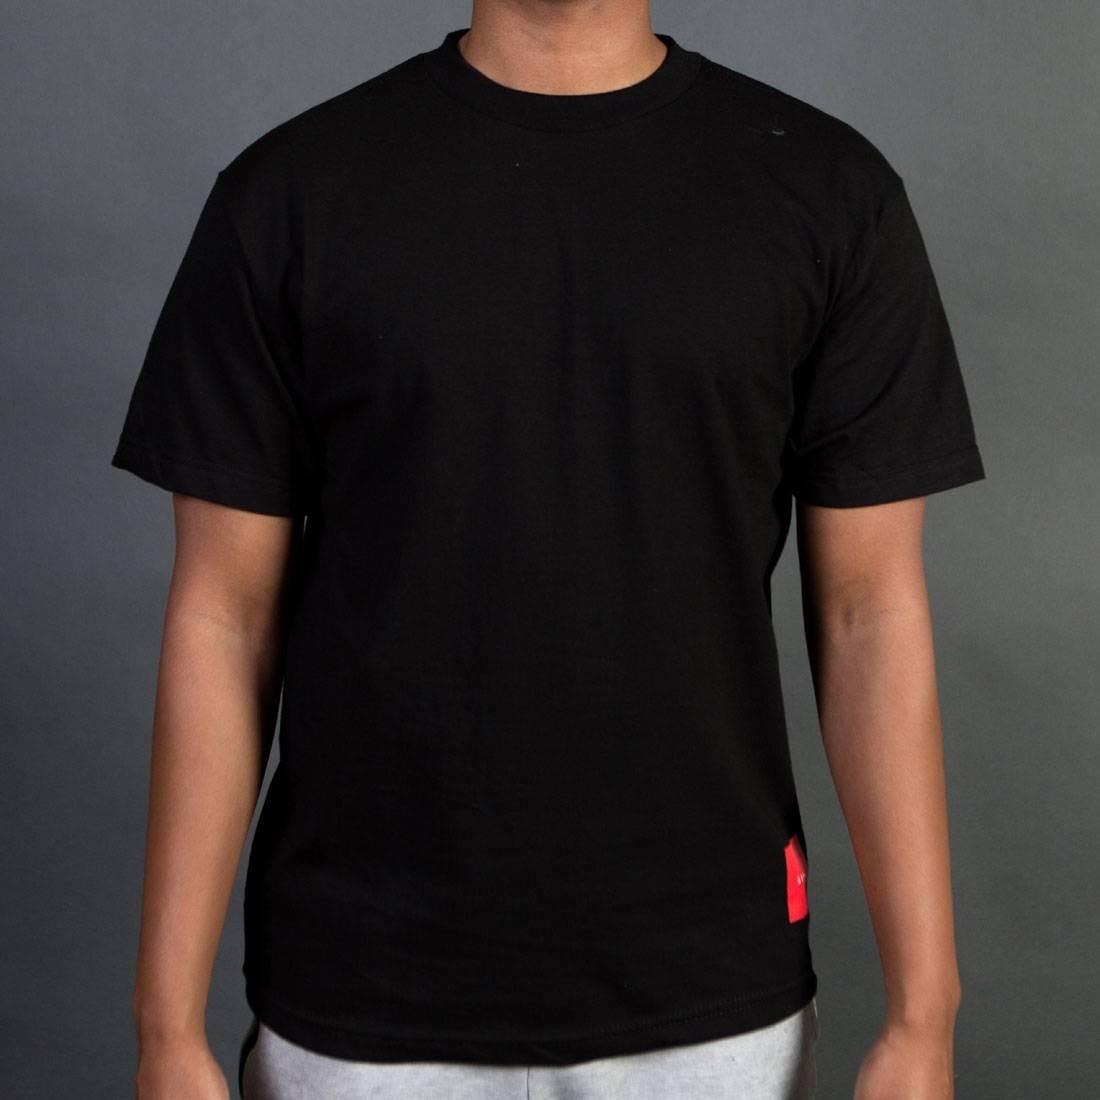 Tシャツ 黒 ブラック 【 BLACK STAPLE MEN STPL CORNER TEE 】 メンズファッション トップス Tシャツ カットソー